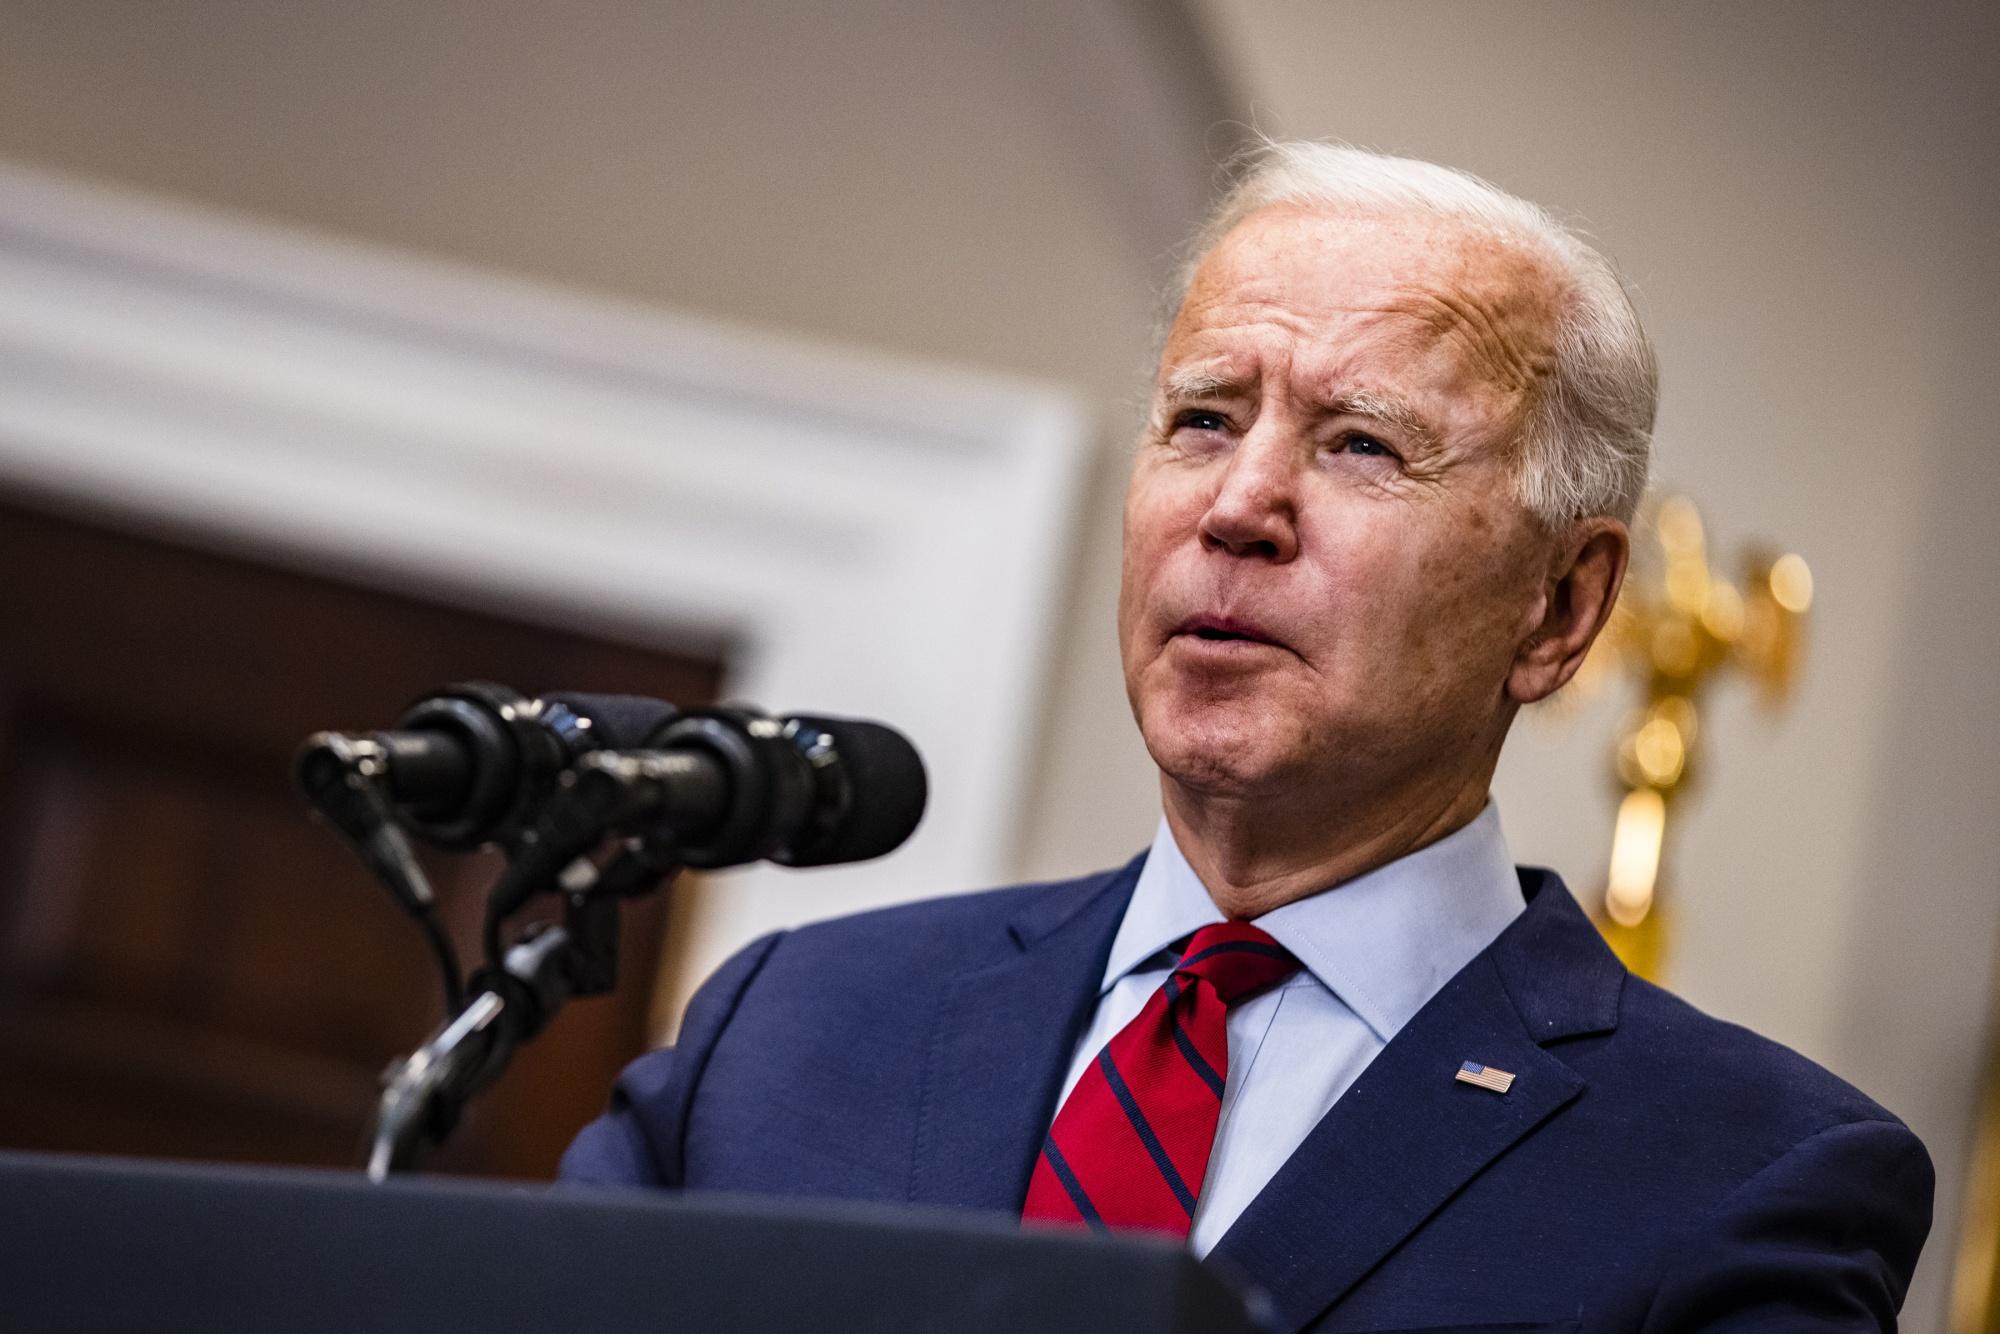 U.S. President Joe Biden speaks in the Roosevelt Room of the White House onFeb. 27, 2021.